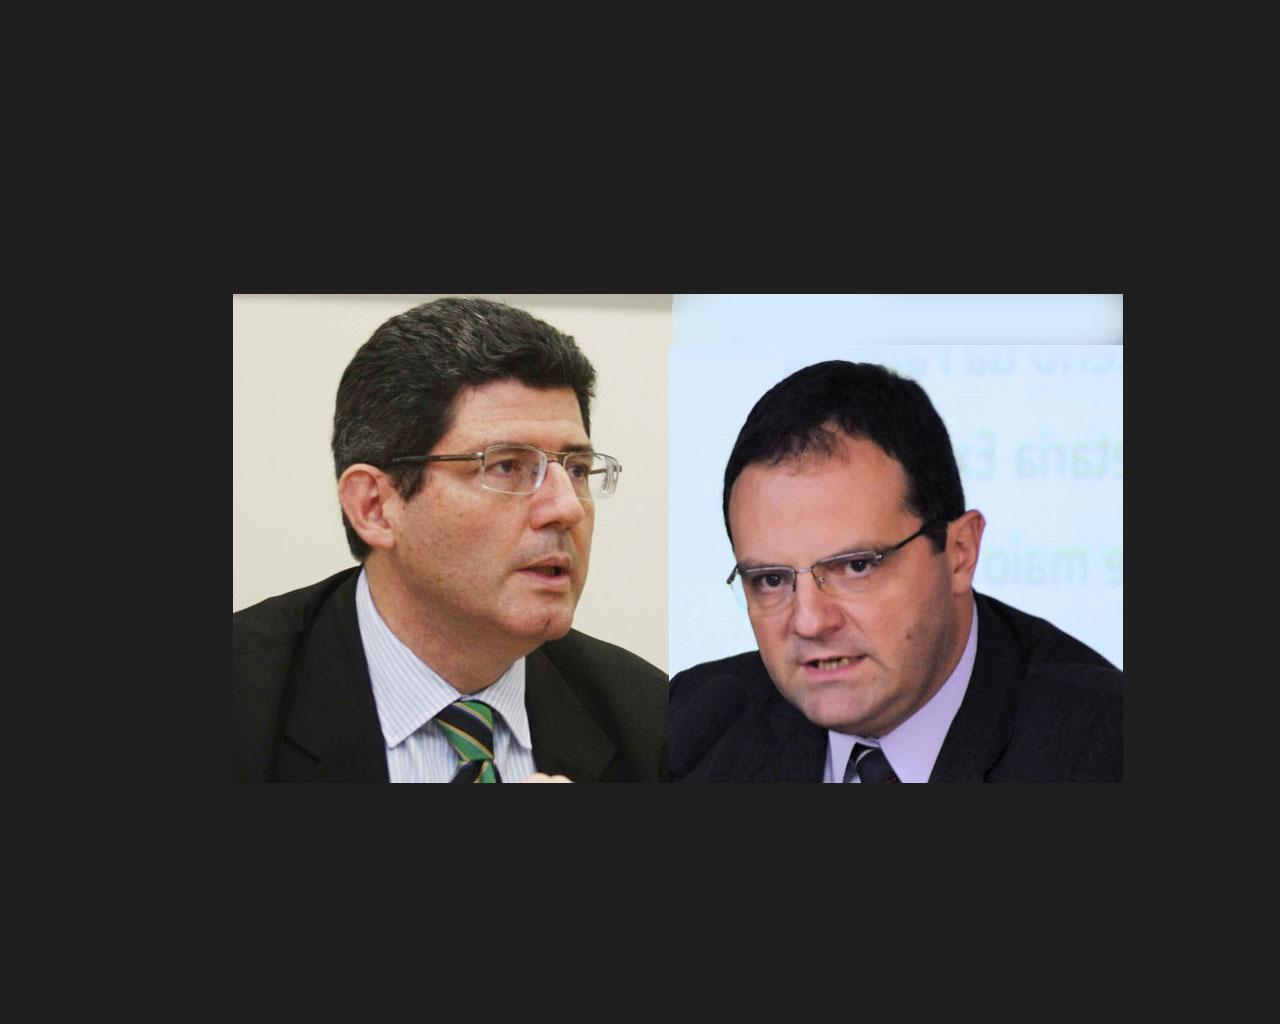 Novo Ministério: Dilma anuncia Joaquim Levy para a Fazenda e Nelson Barbosa para o Planejamento